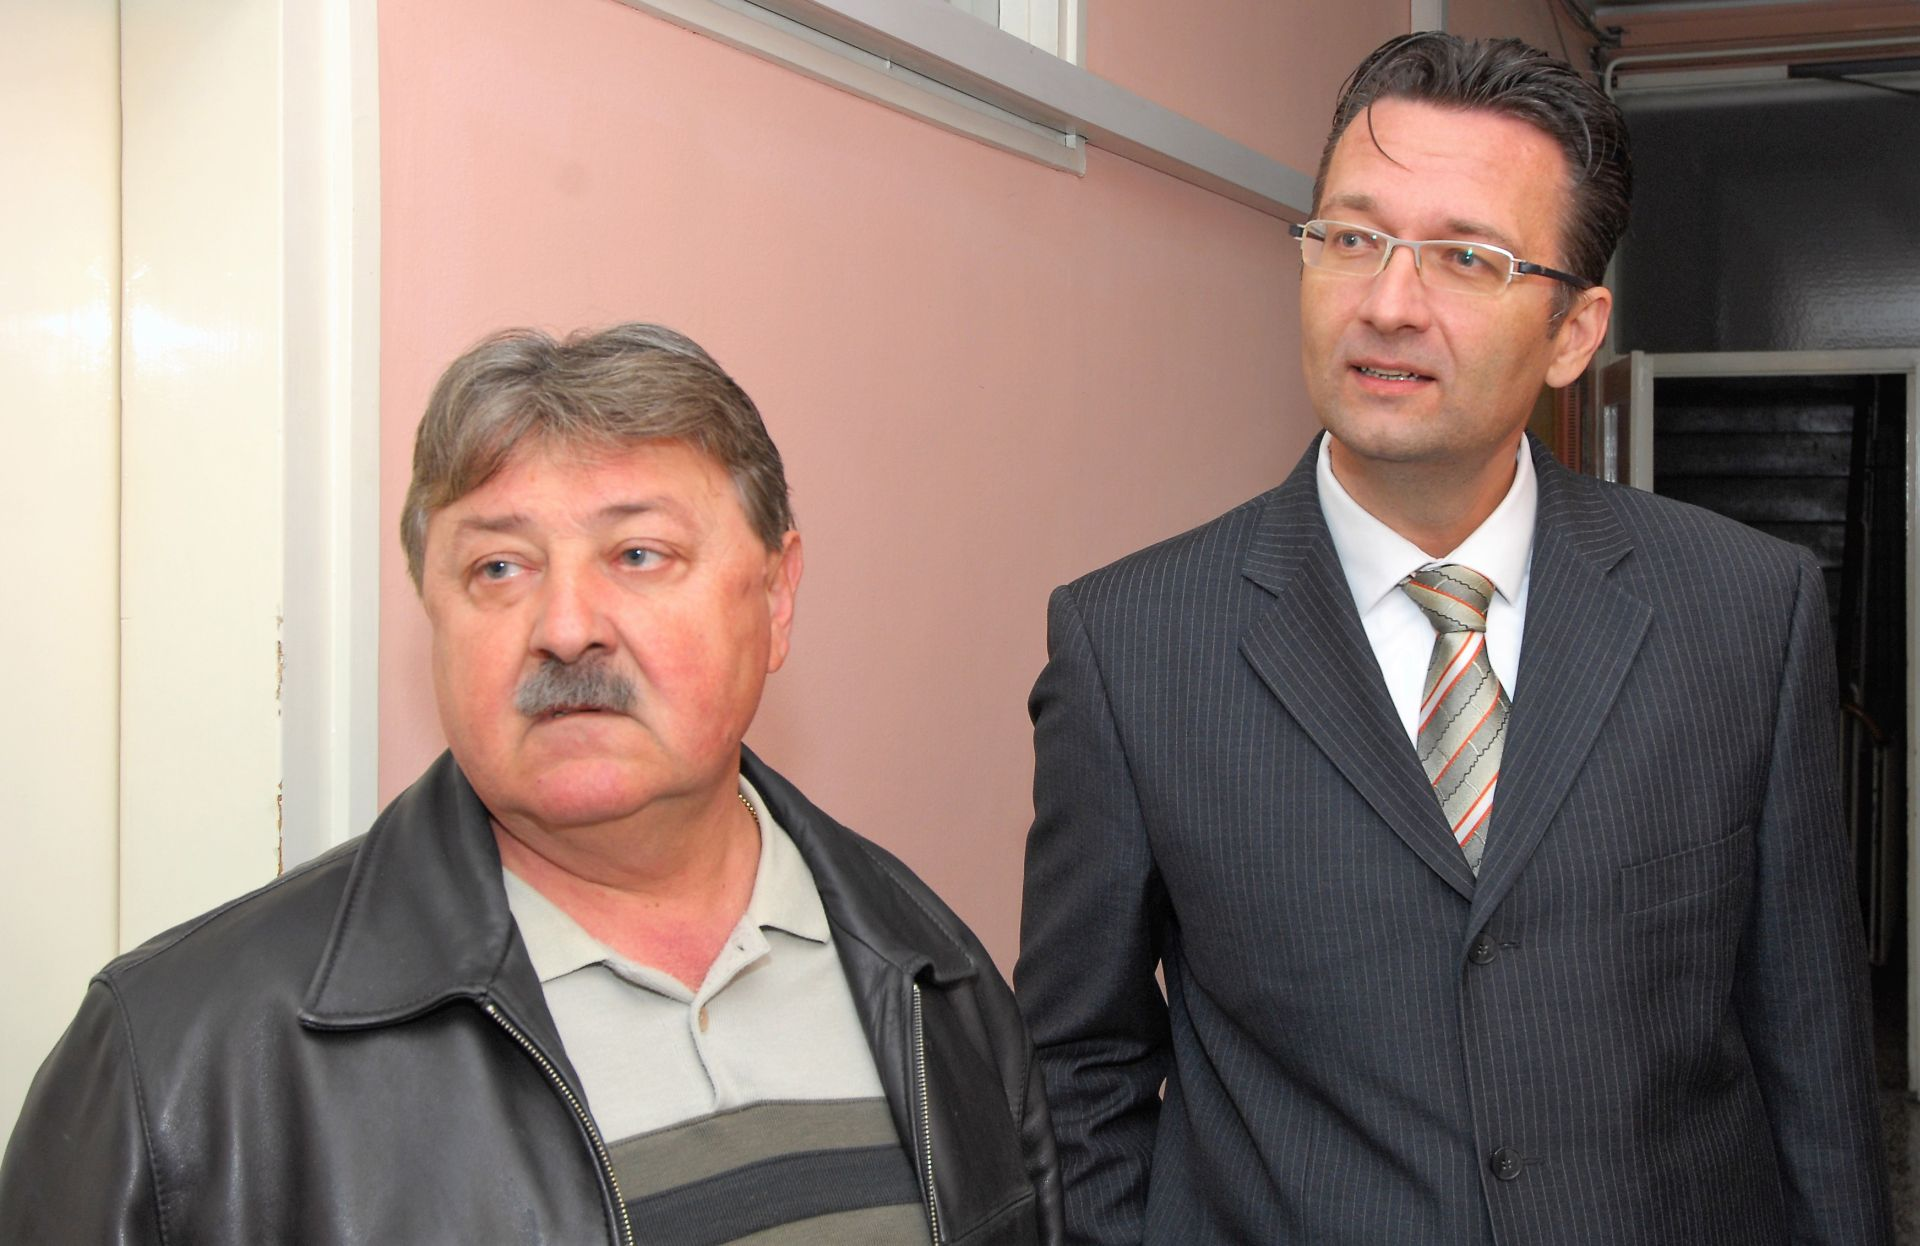 OSLOBOĐENI TUŽBENOG ZAHTJEVA: Dvojica Karlovčanina dobili nepravomoćnu presudu protiv Gradske toplane